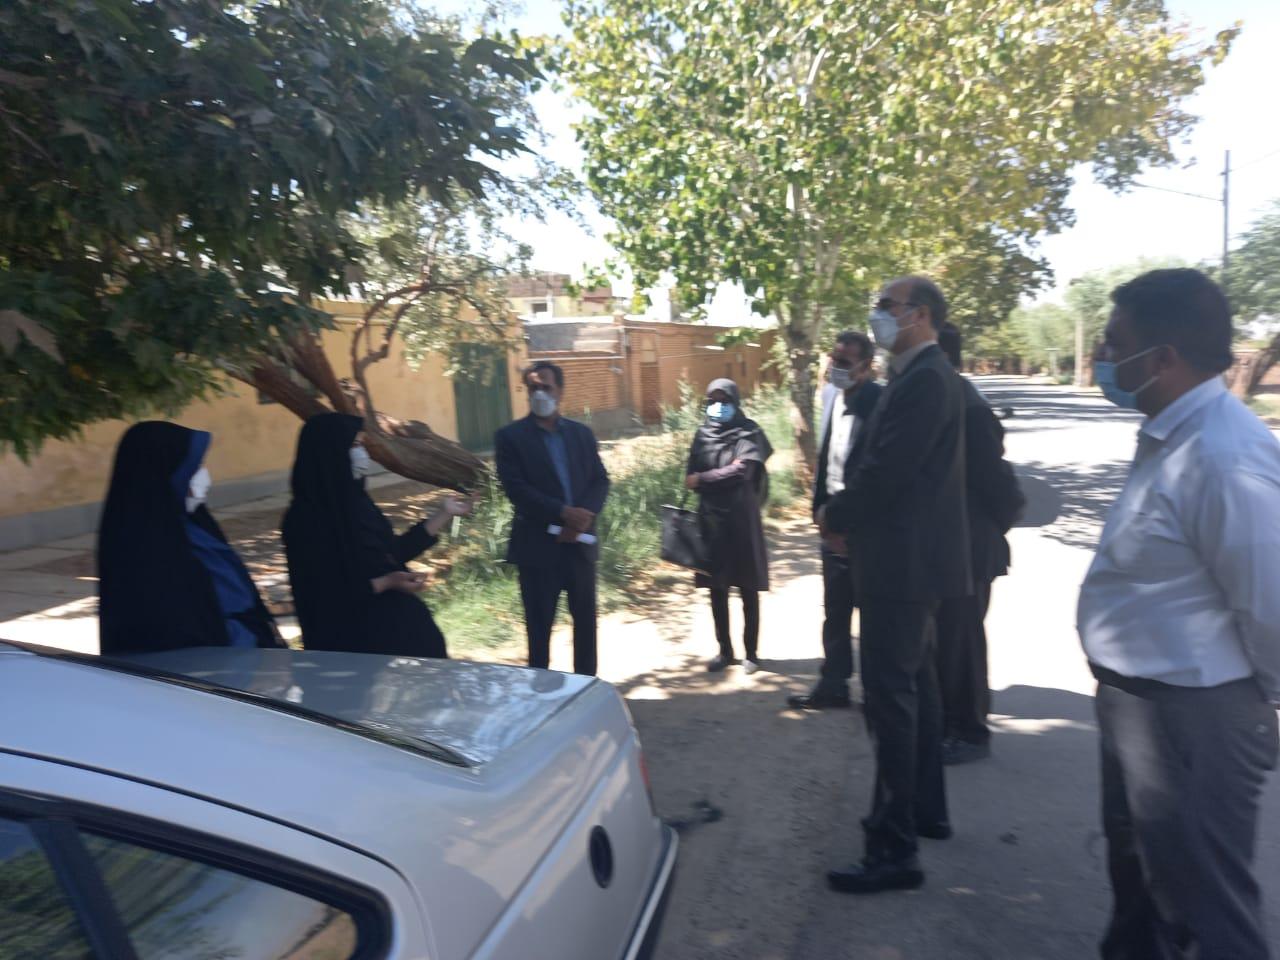 بازدید فرماندار شهرستان فردوس جناب مهندس حلاج مقدم از پروژه های عمرانی شهرداری در سطح شهر باغستان